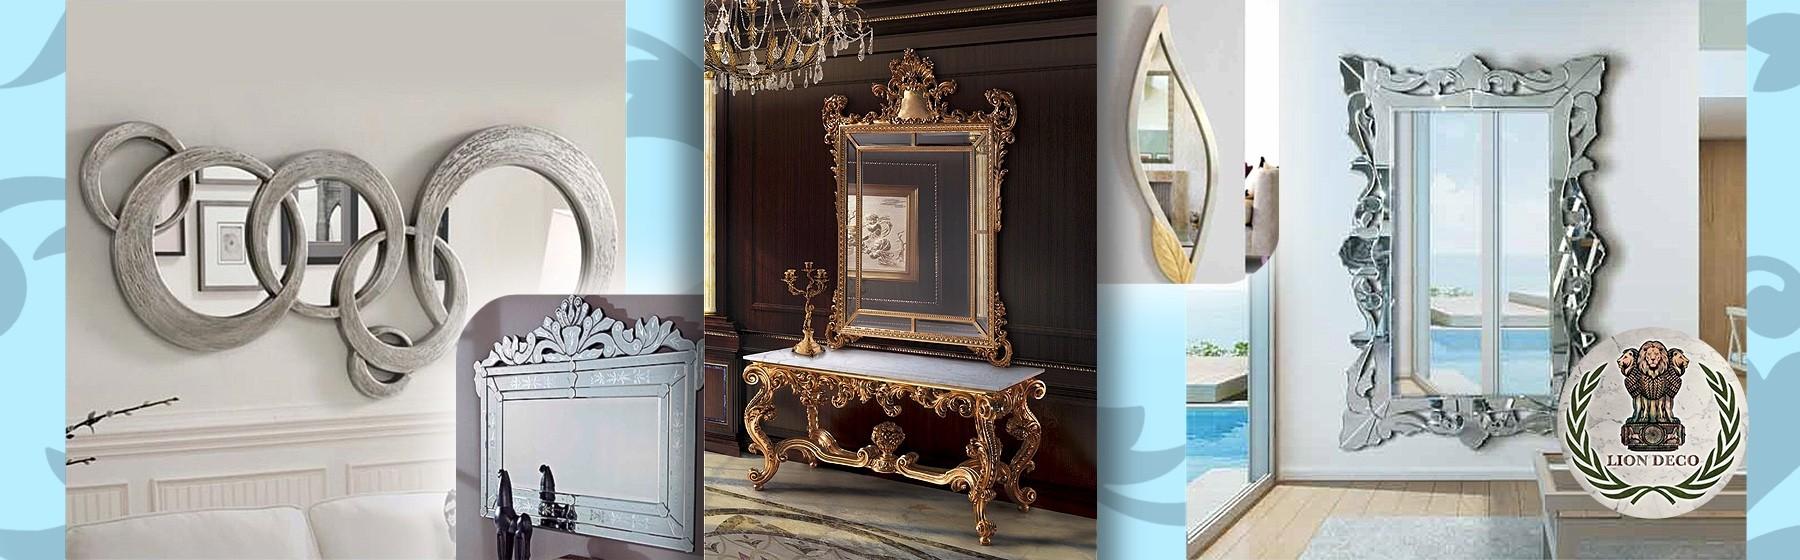 11. Espejos Artísticos y Relojes de Pared